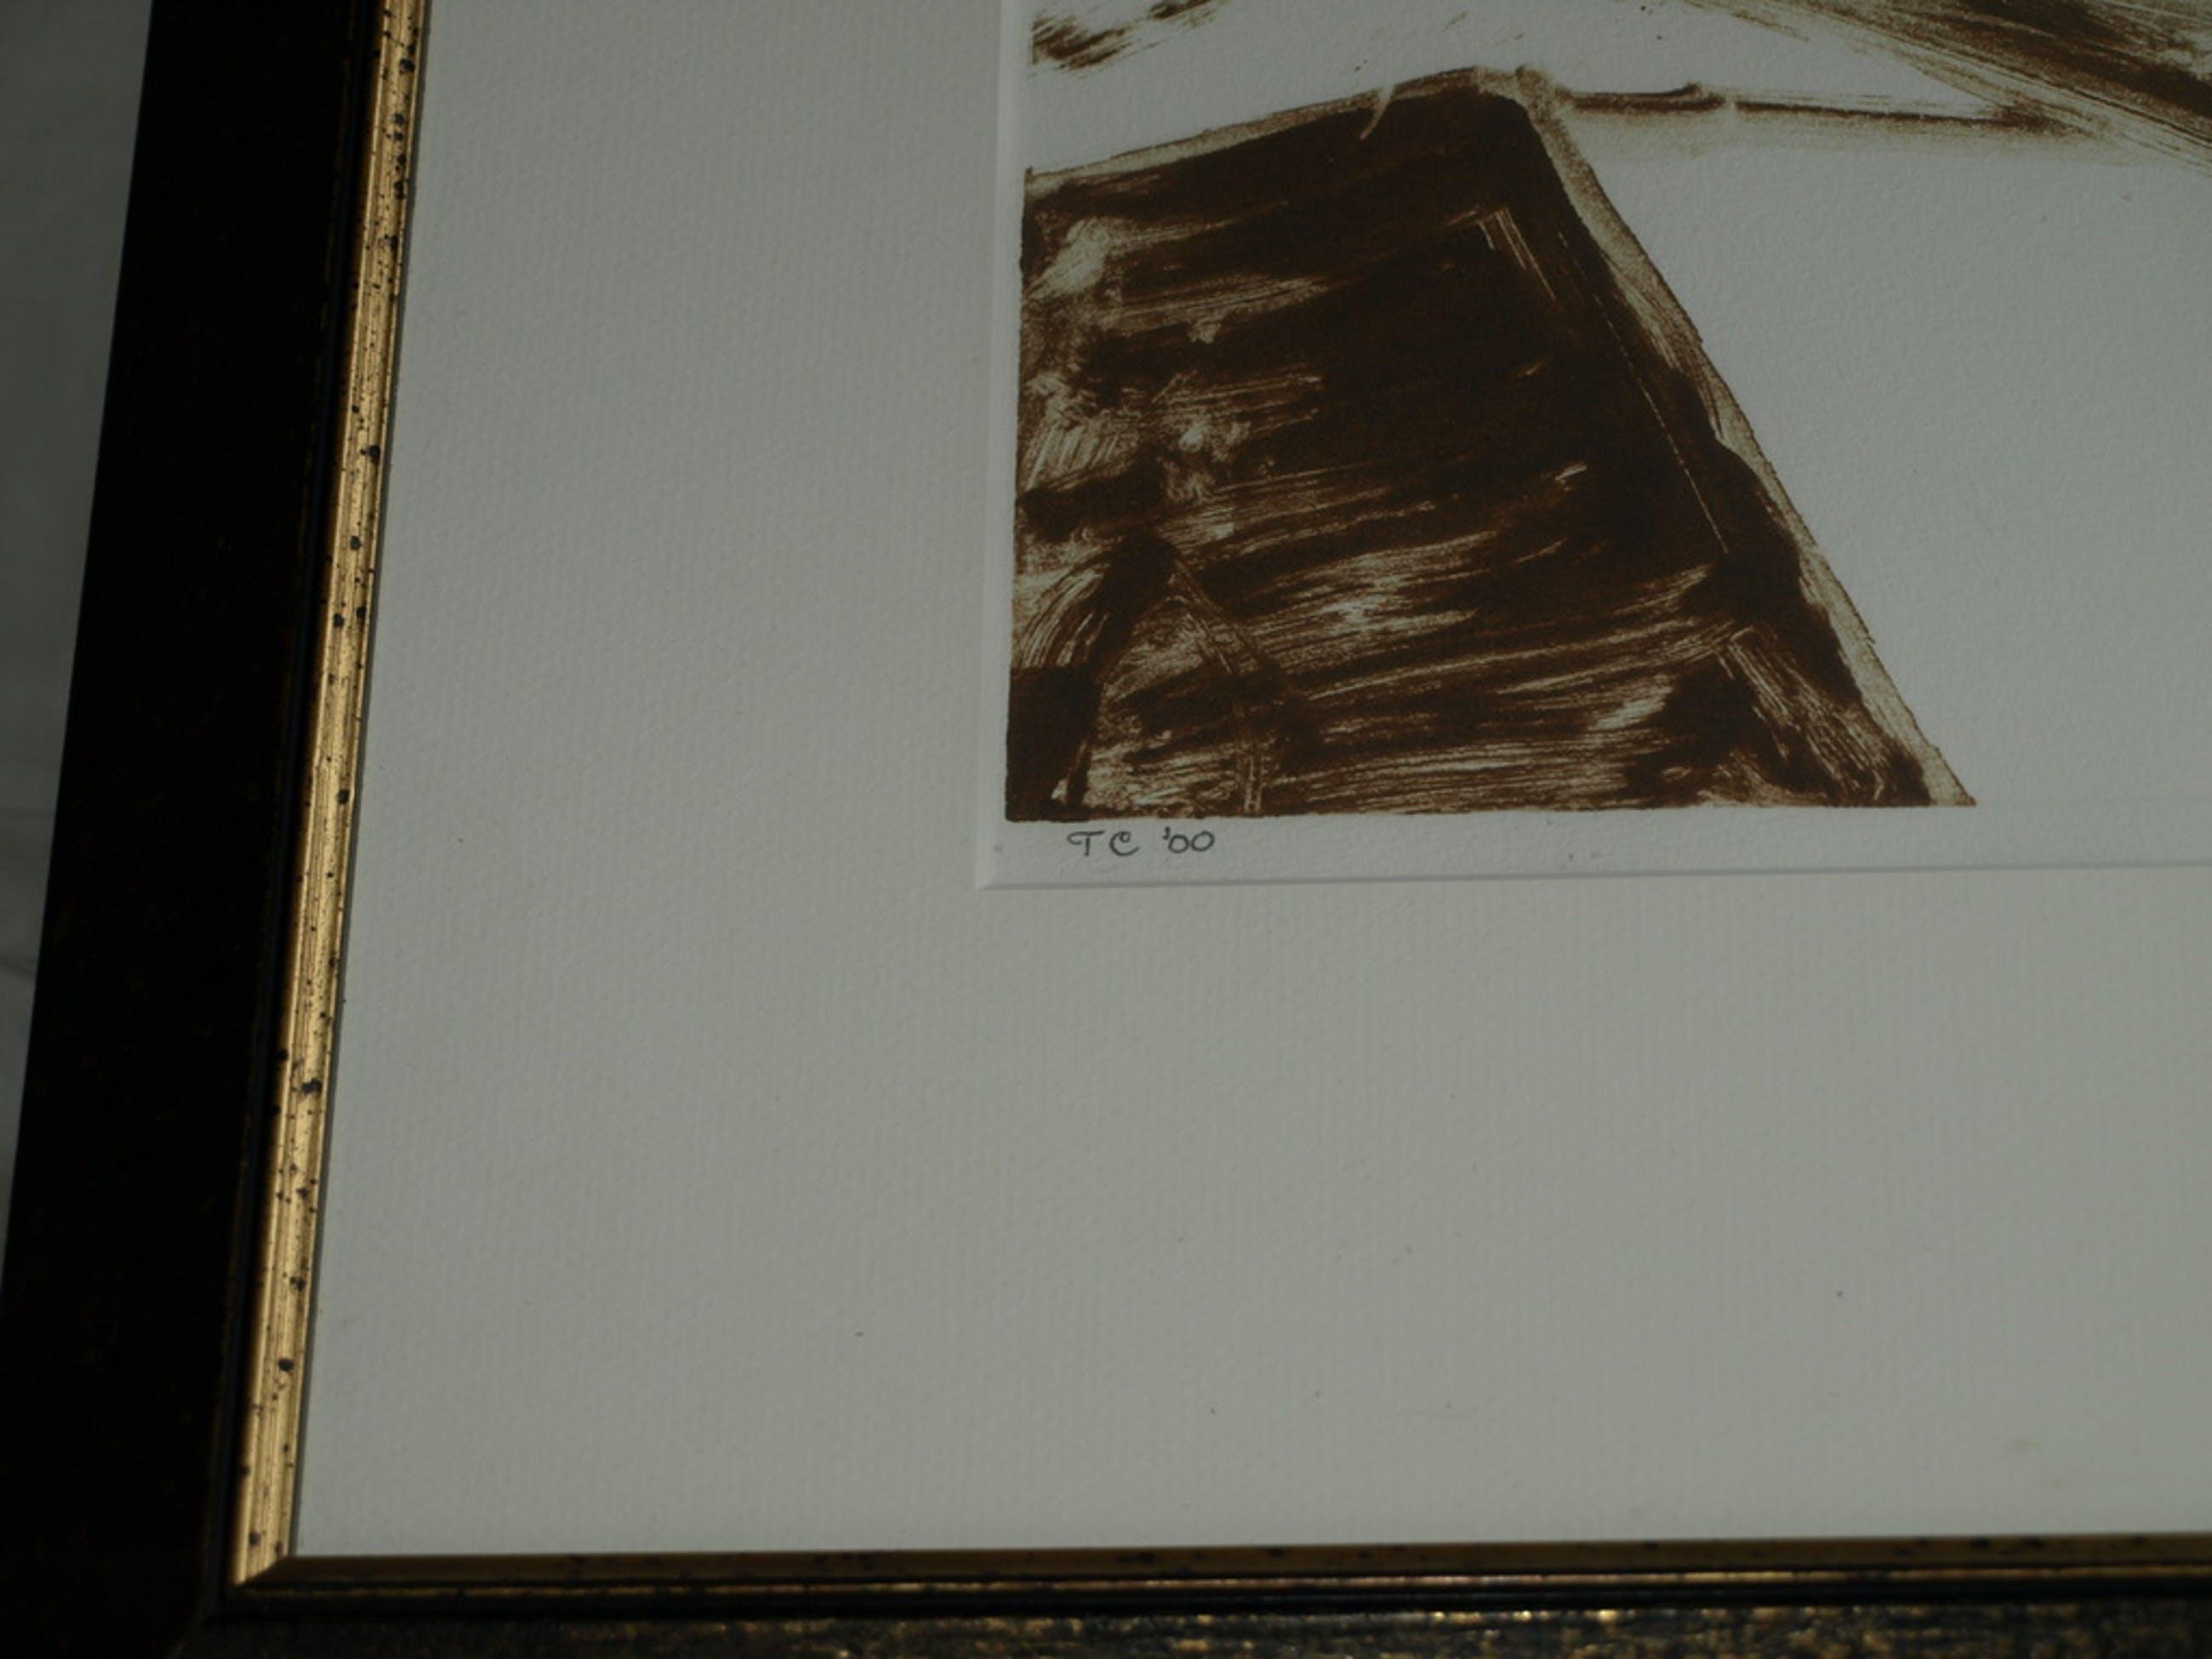 TOM COLLARD – Inkt op papier – Reclining Nude – Gesigneerd & ingelijst – 2000 kopen? Bied vanaf 75!